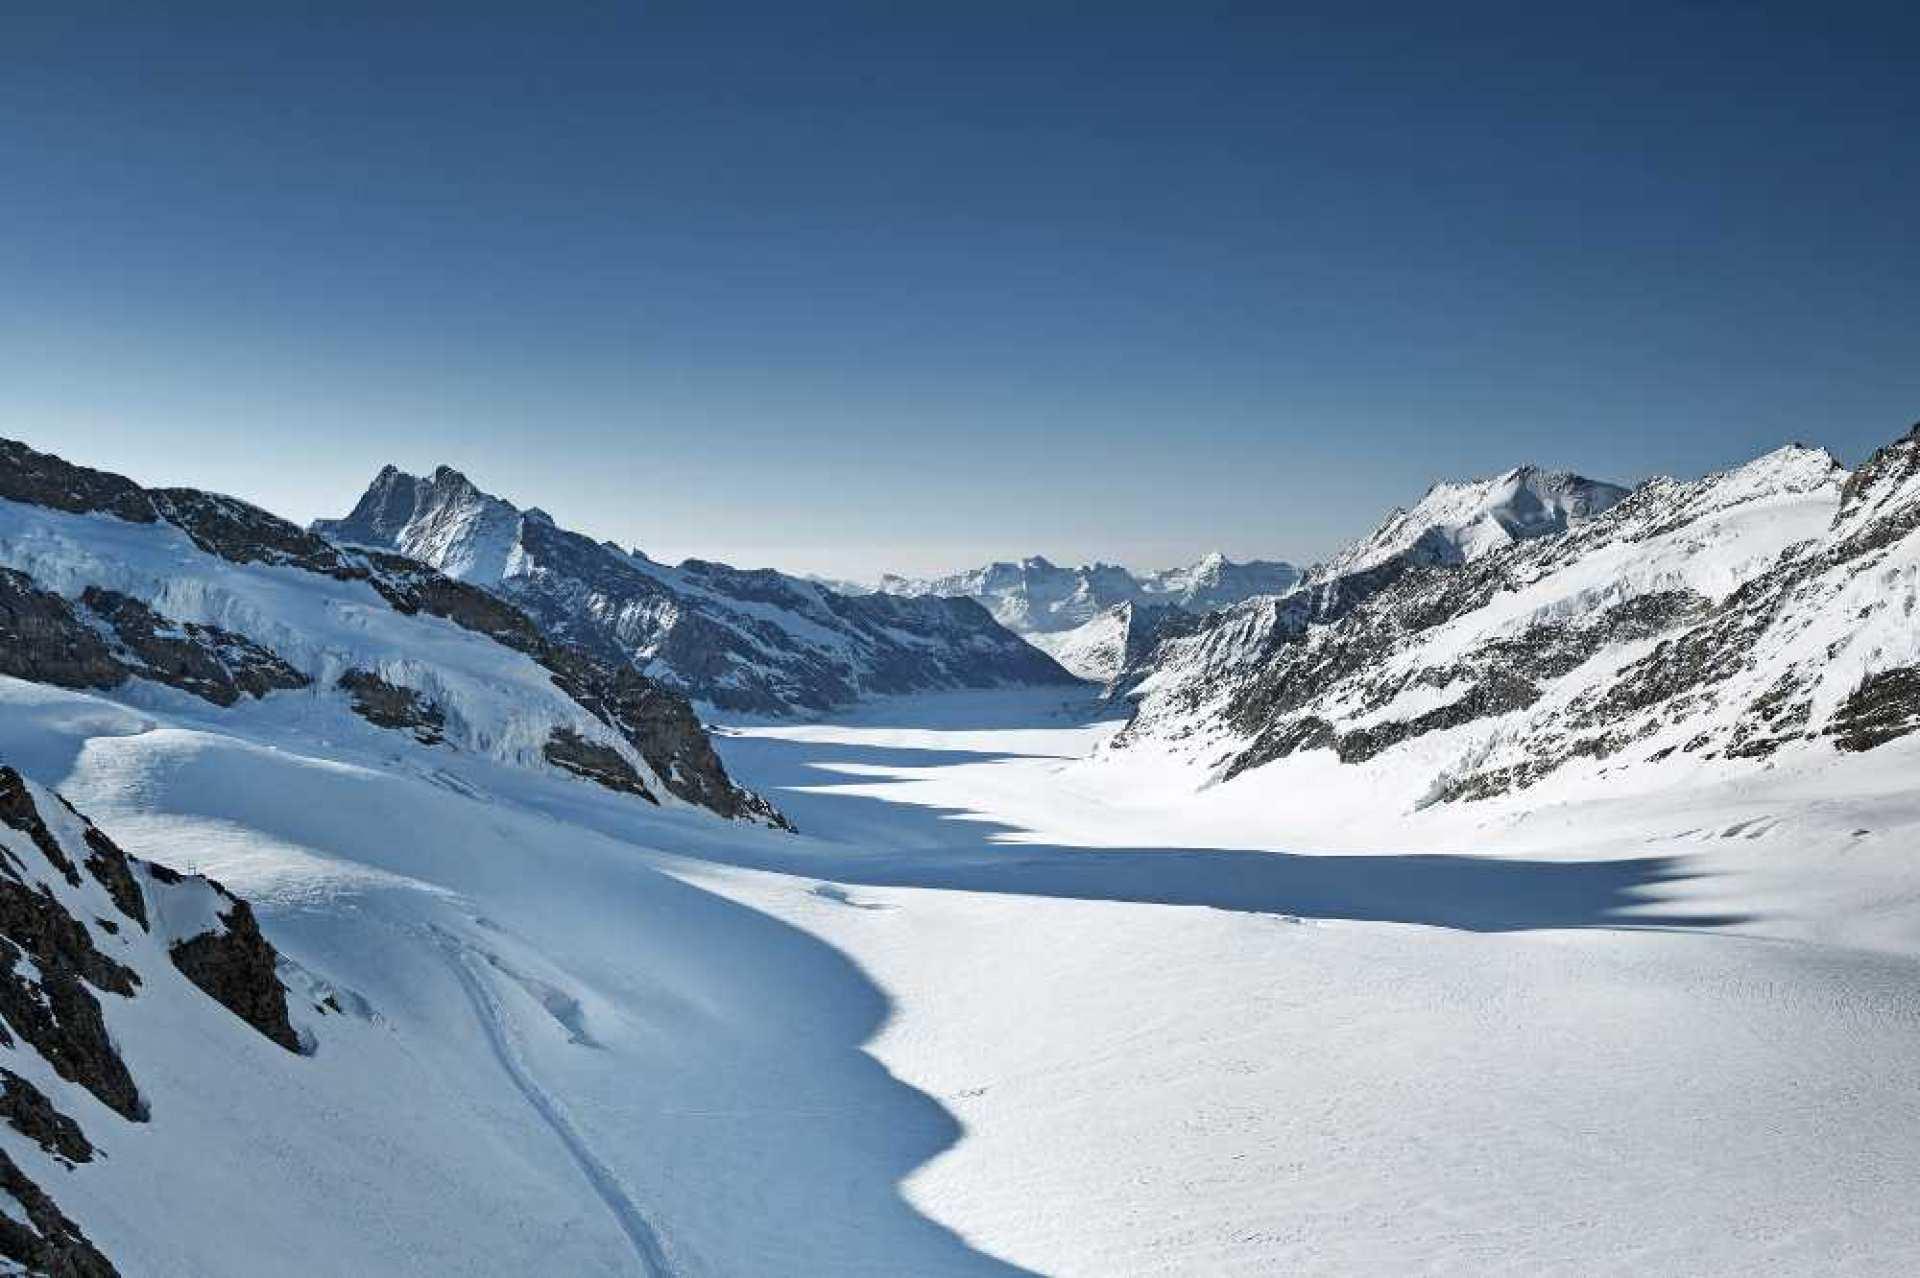 【世界遺産】スイス・アルプス:ユングフラウ1日ツアー(チューリッヒ / ルツェルン発)